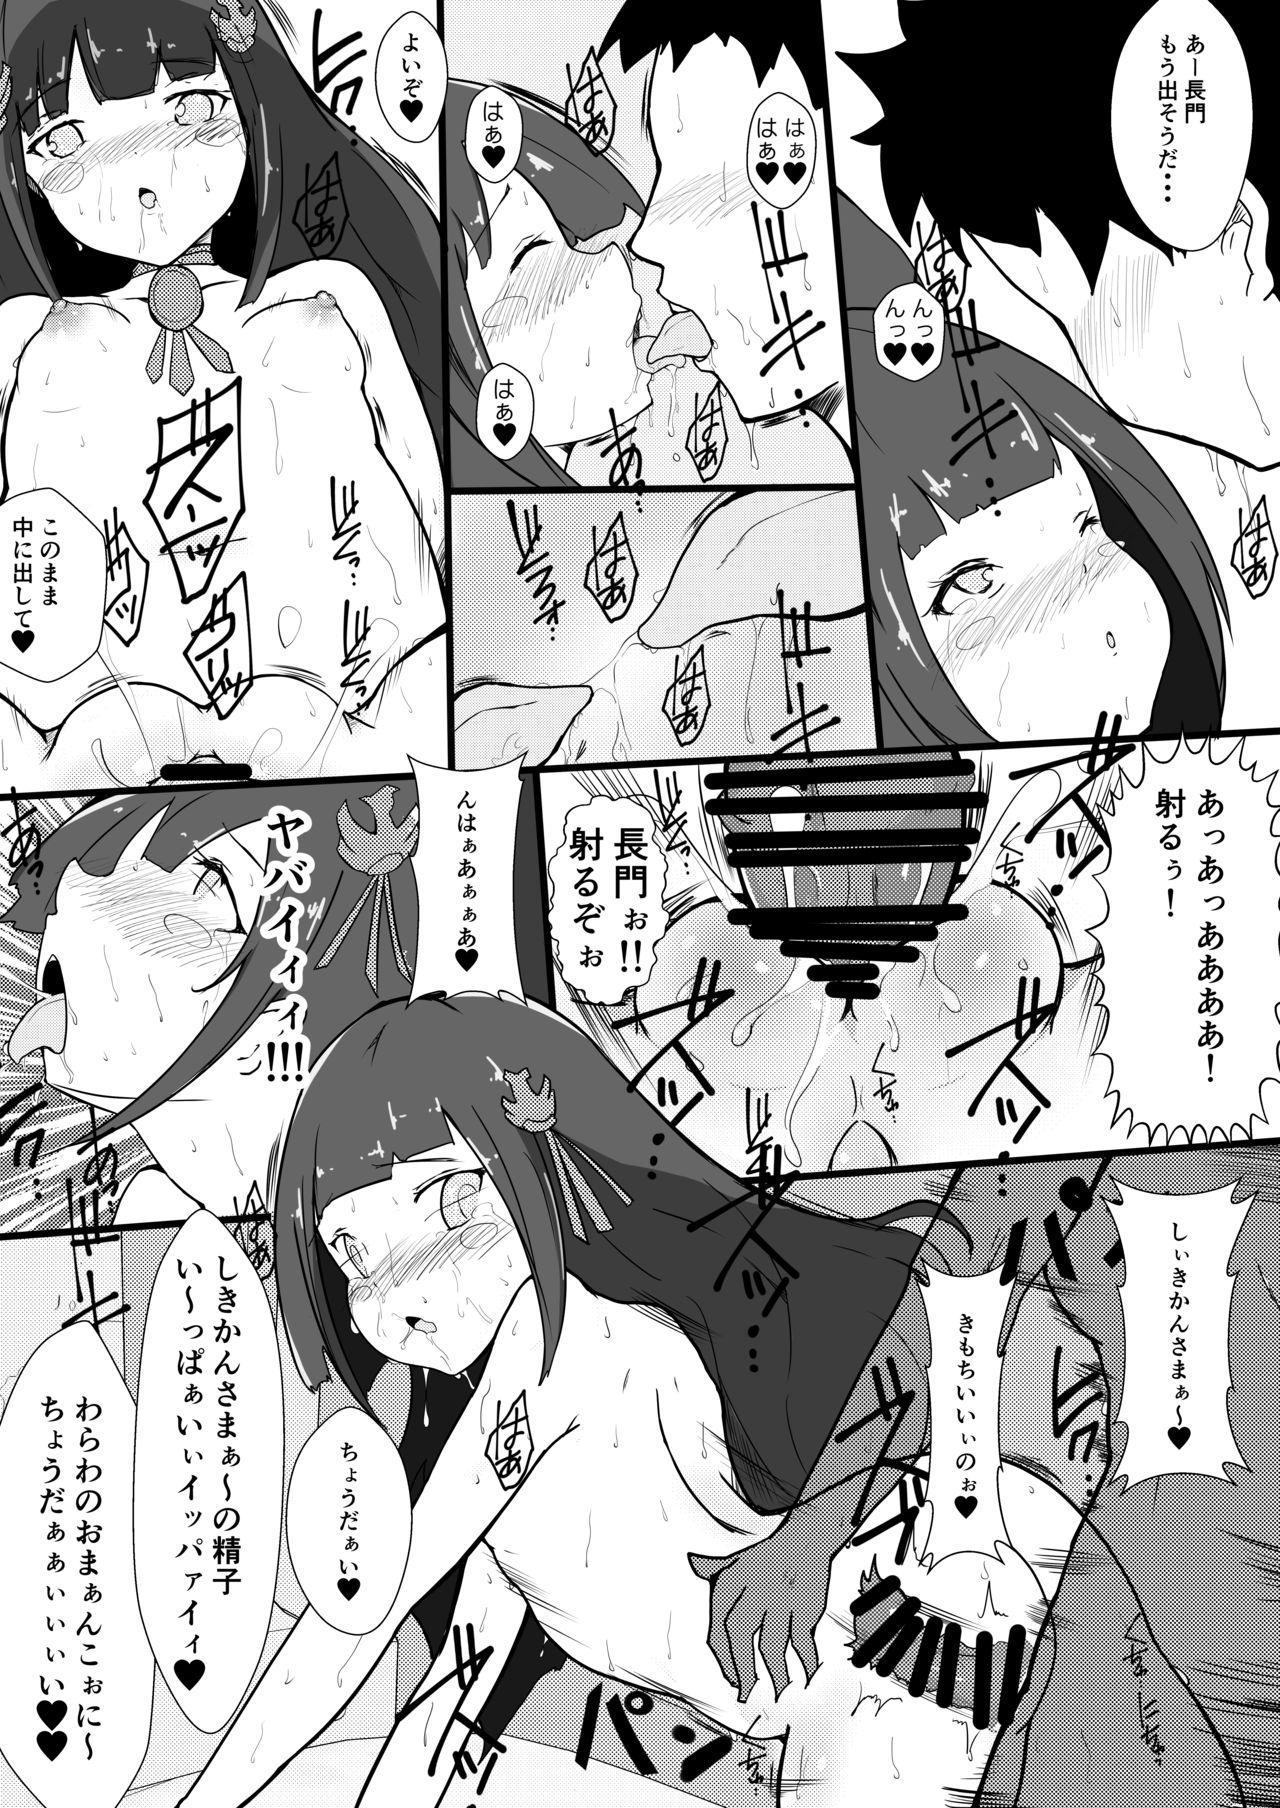 Nagato-chan ga Teitoku Hitosuji dattanode, Netotte Haramase Ninshin saseruo Zamaa Wara 4